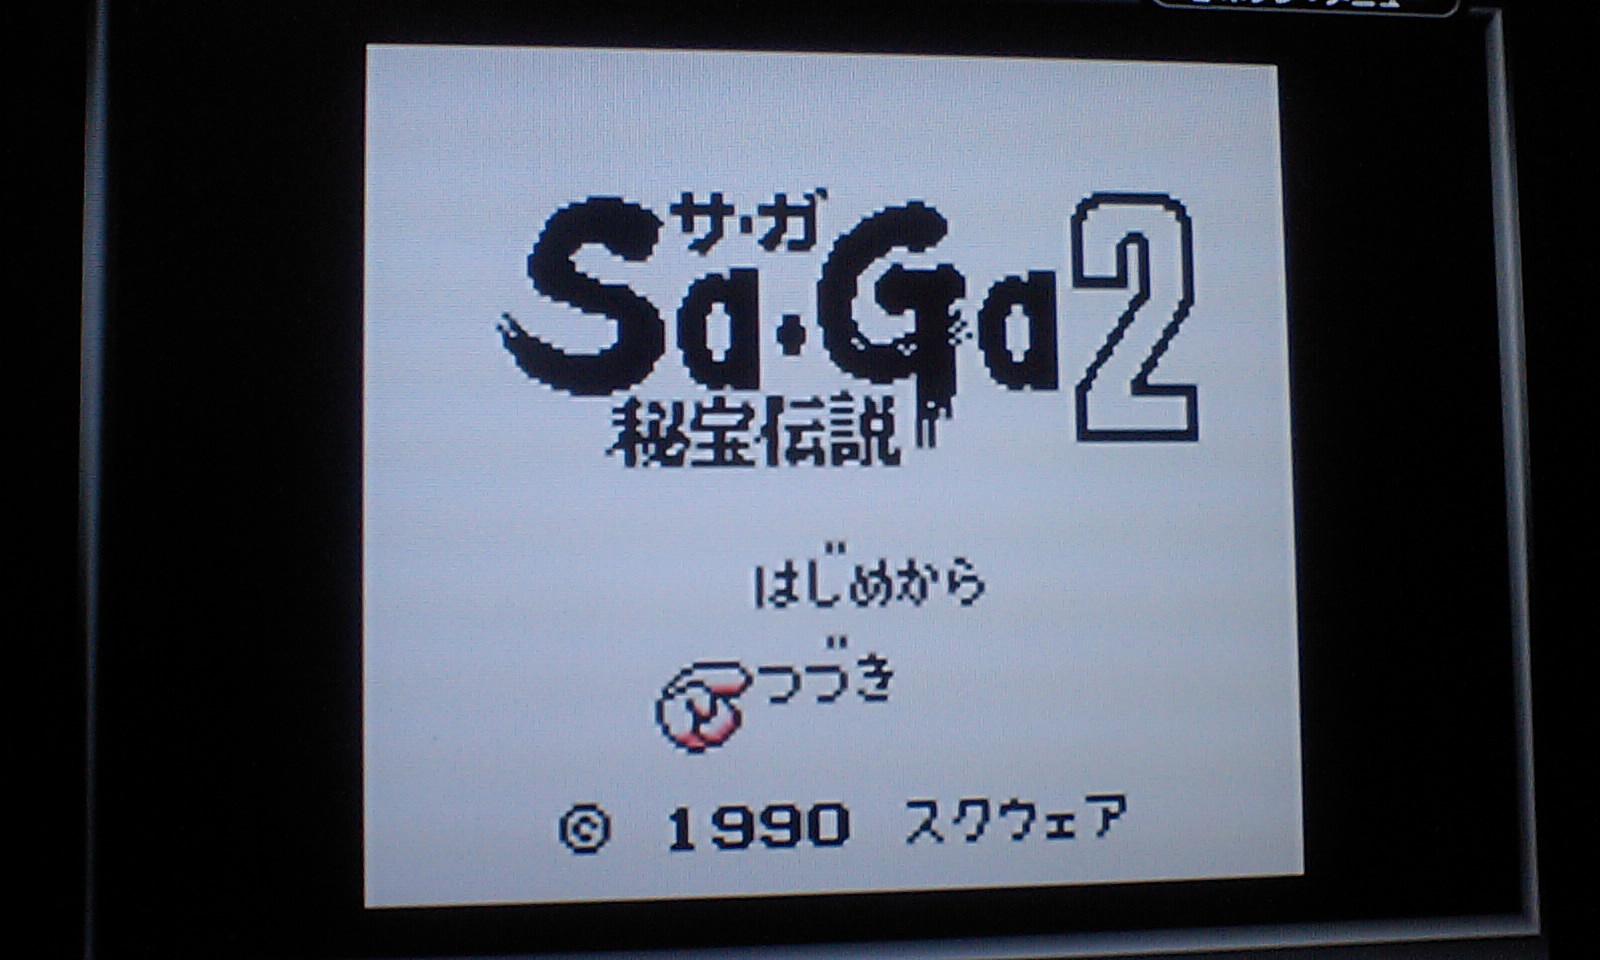 思い出のゲームソフト